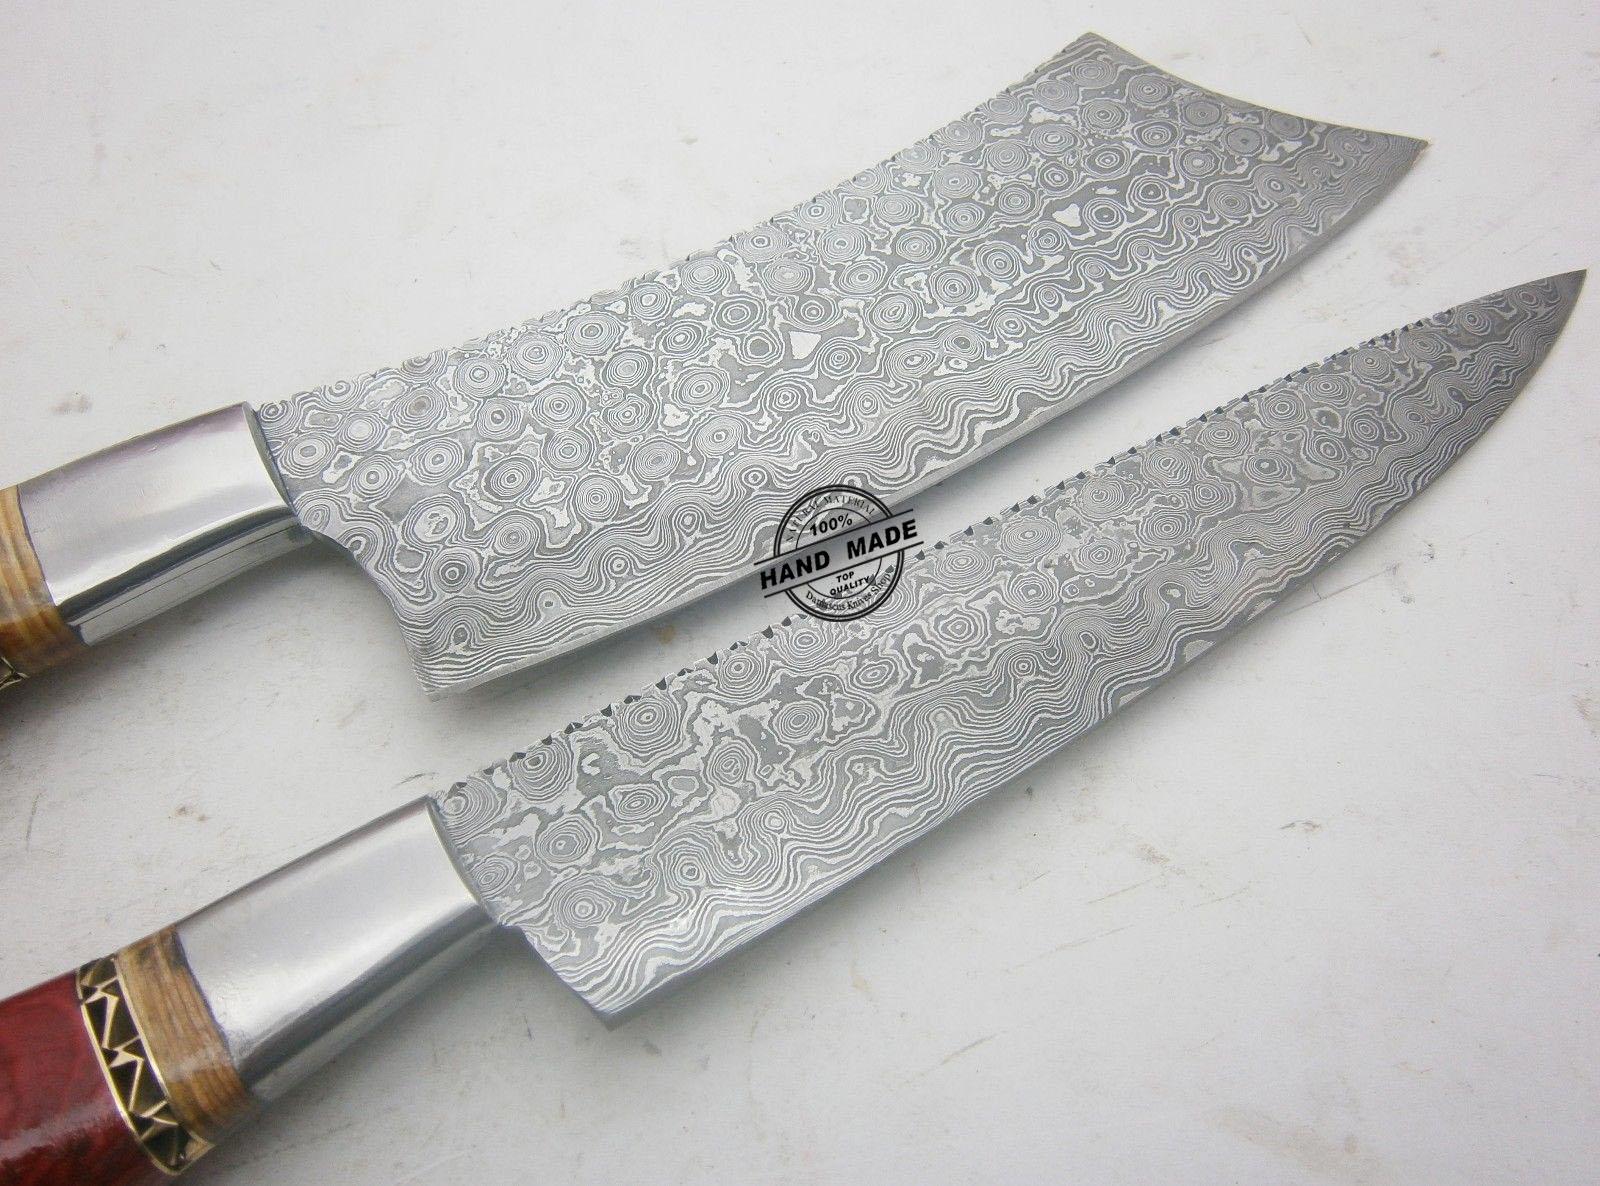 lot of 2 pcs damascus kitchen knife. Black Bedroom Furniture Sets. Home Design Ideas